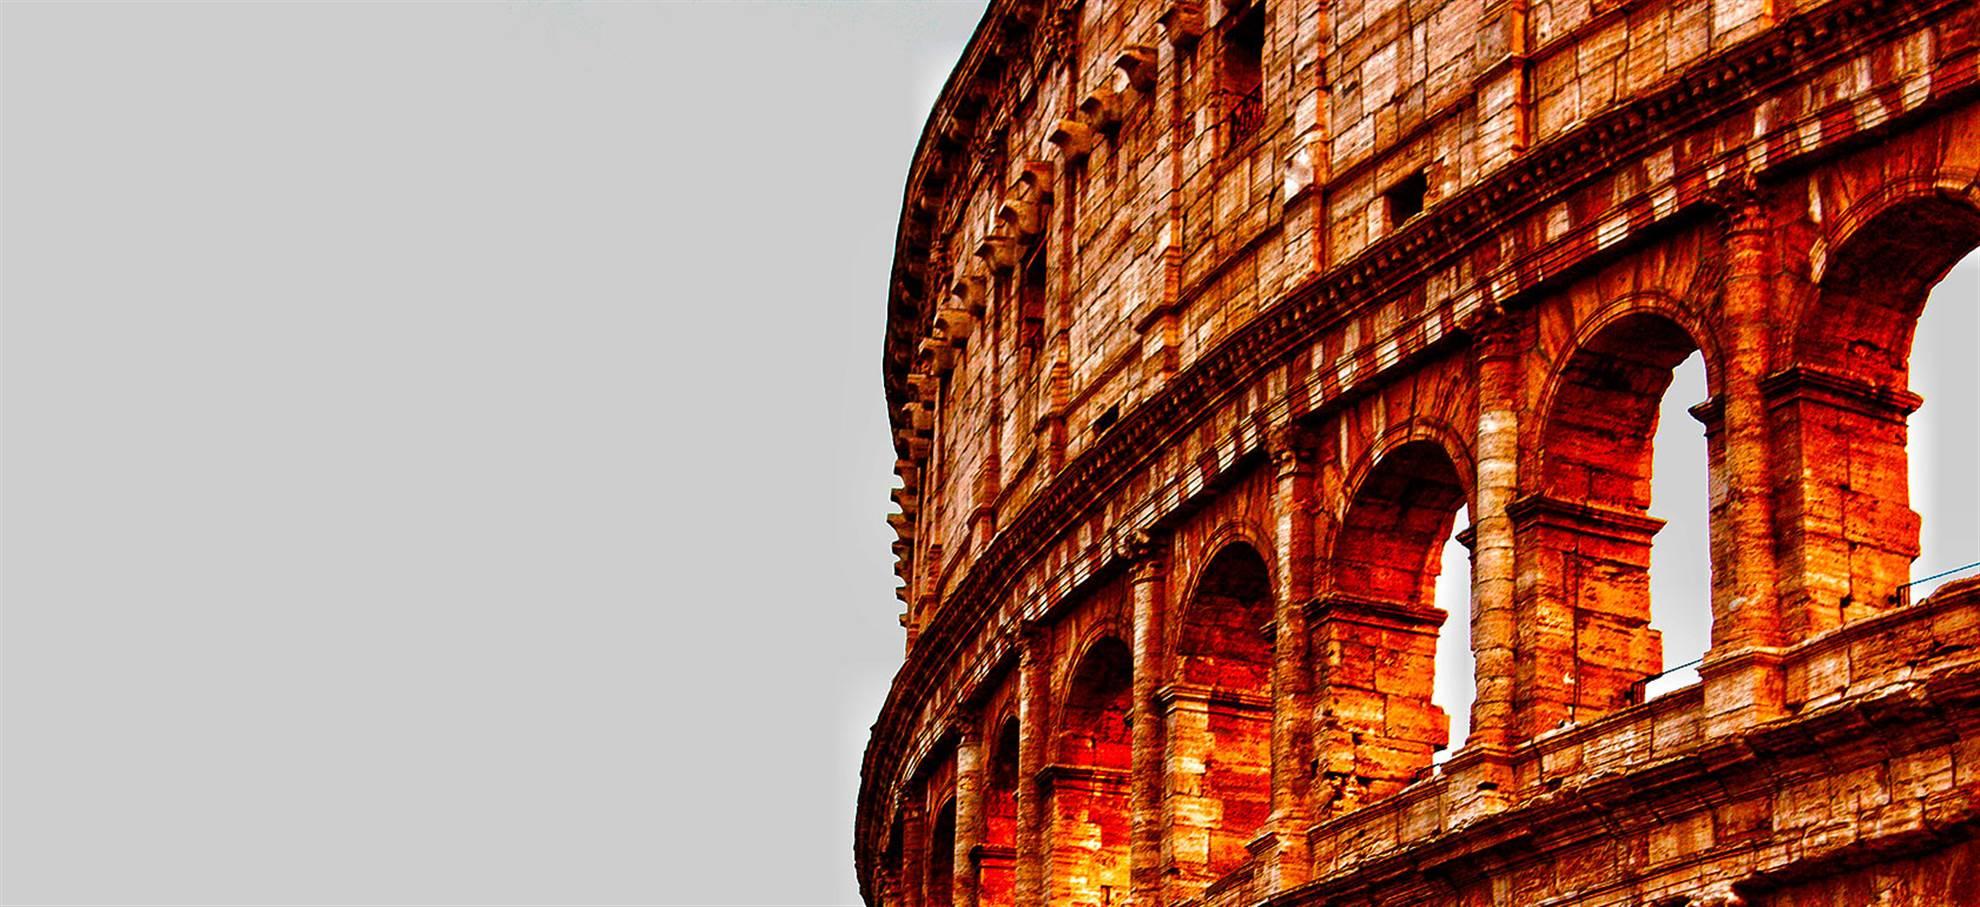 Colosseo: Sotterranei,Arena, Foro Romano e Colle Palatino (P2BUAS)